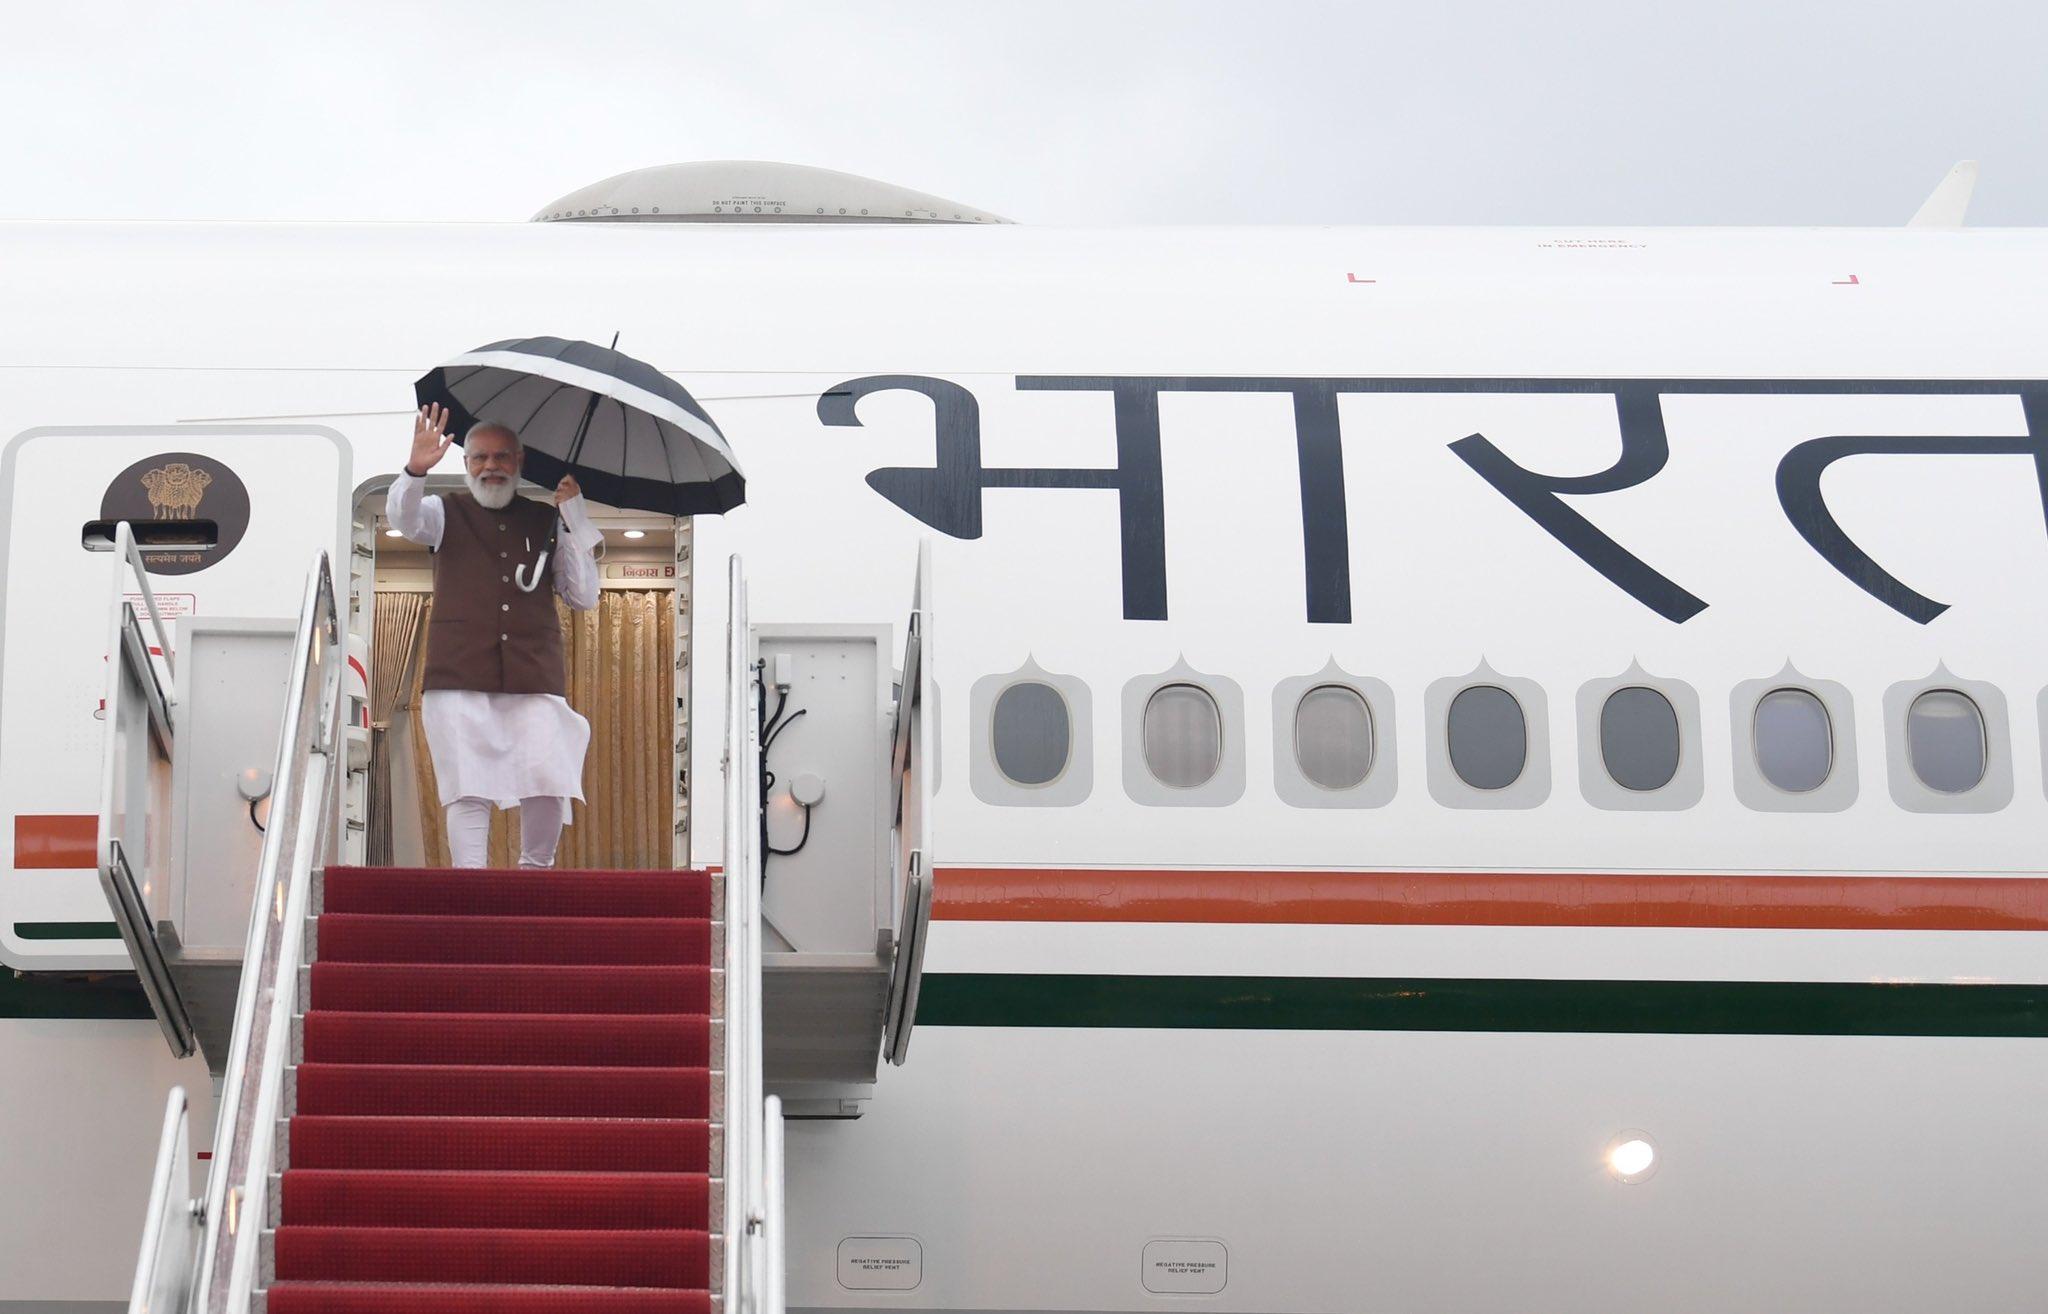 प्रधानमंत्री दो साल बाद अमेरिकी दौरे पर गए हैं। इसके पहले वो 2019 में अमेरिका गए थे। तब डोनाल्ड ट्रम्प राष्ट्रपति थे।